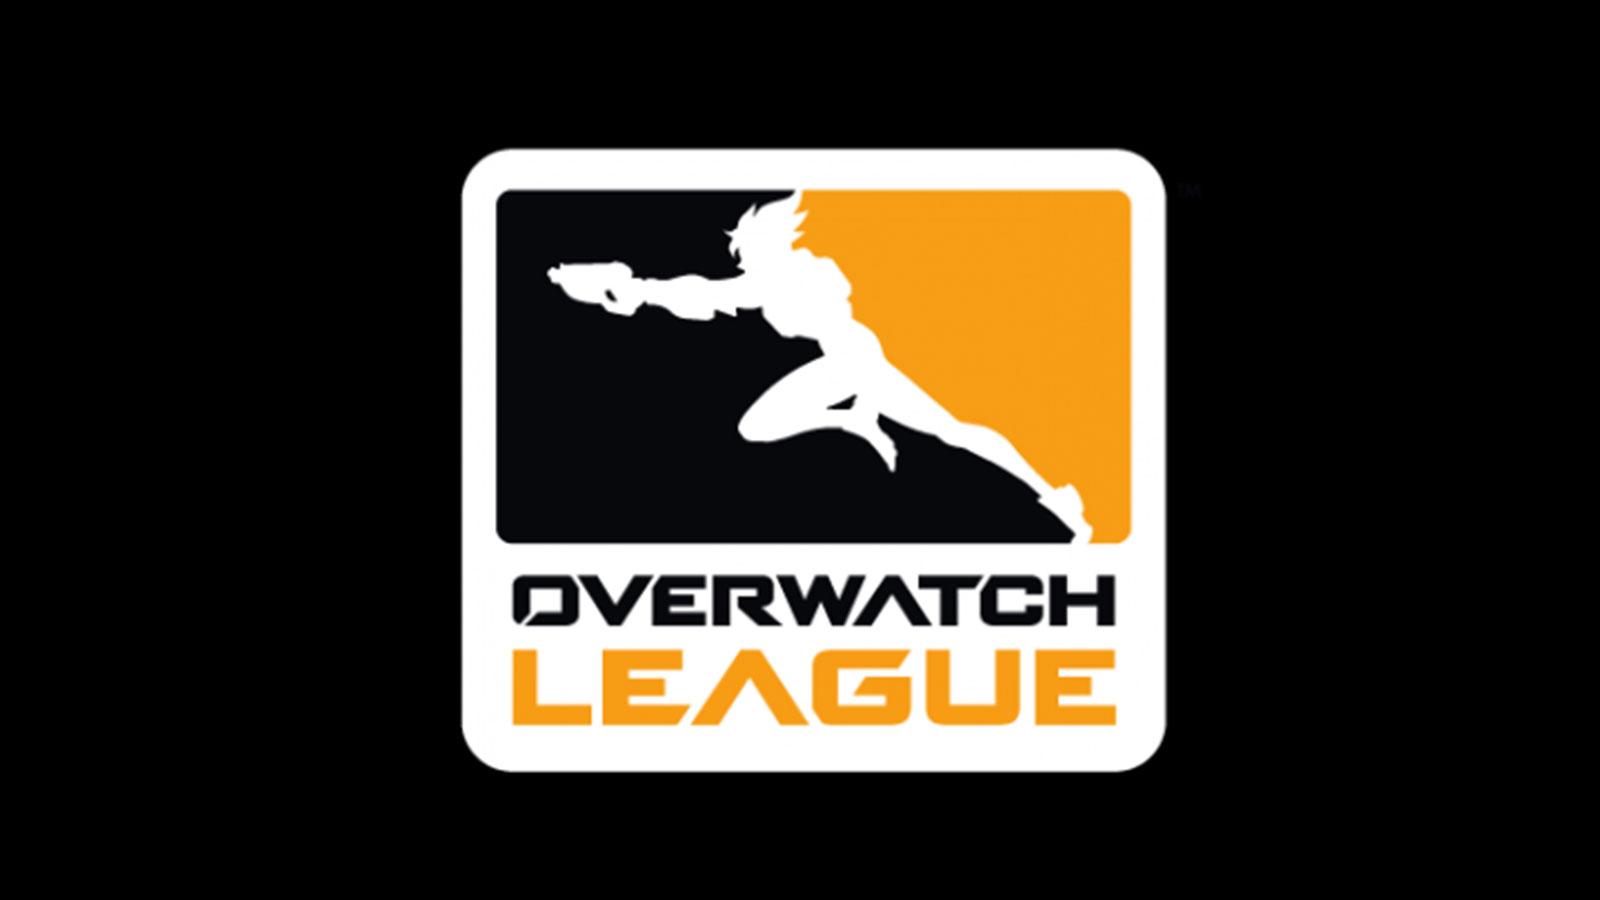 Des amtchs de l'Overwatch League ont été annulés